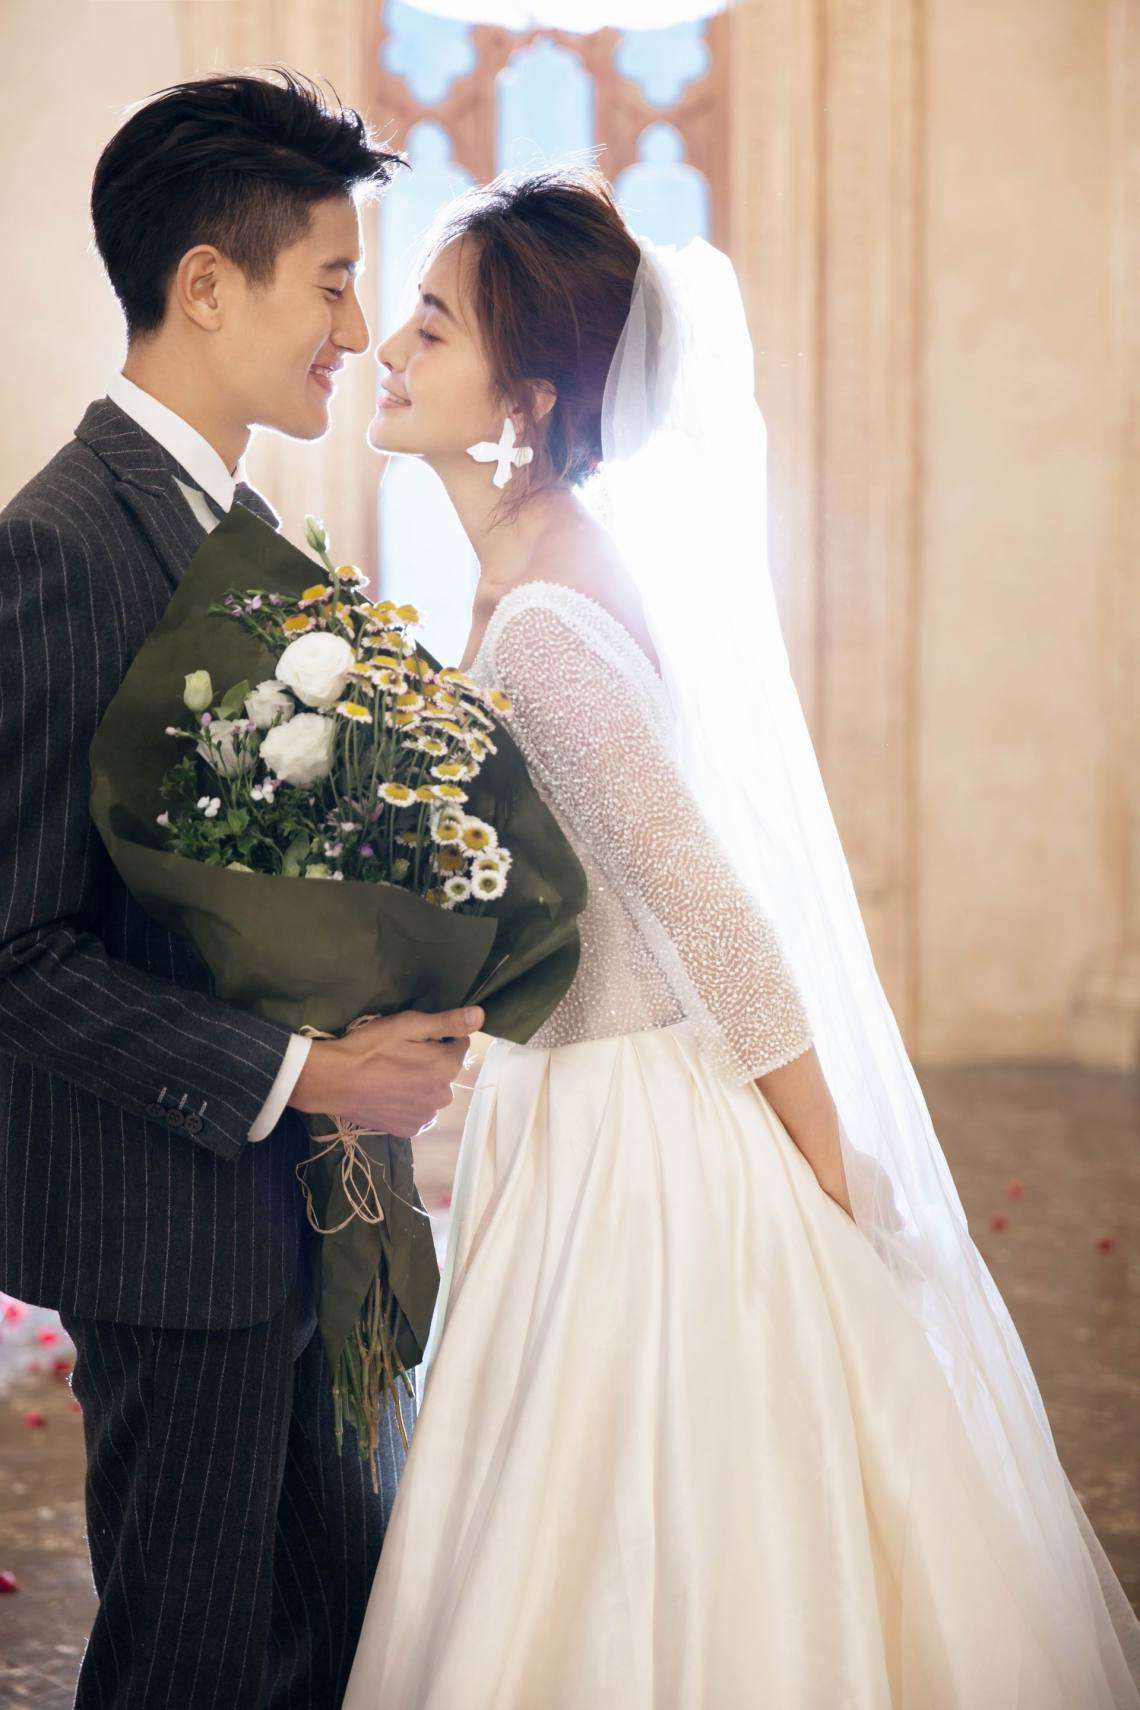 海外婚紗,日照拍婚紗,海外婚紗推薦,海外婚紗2020,a28